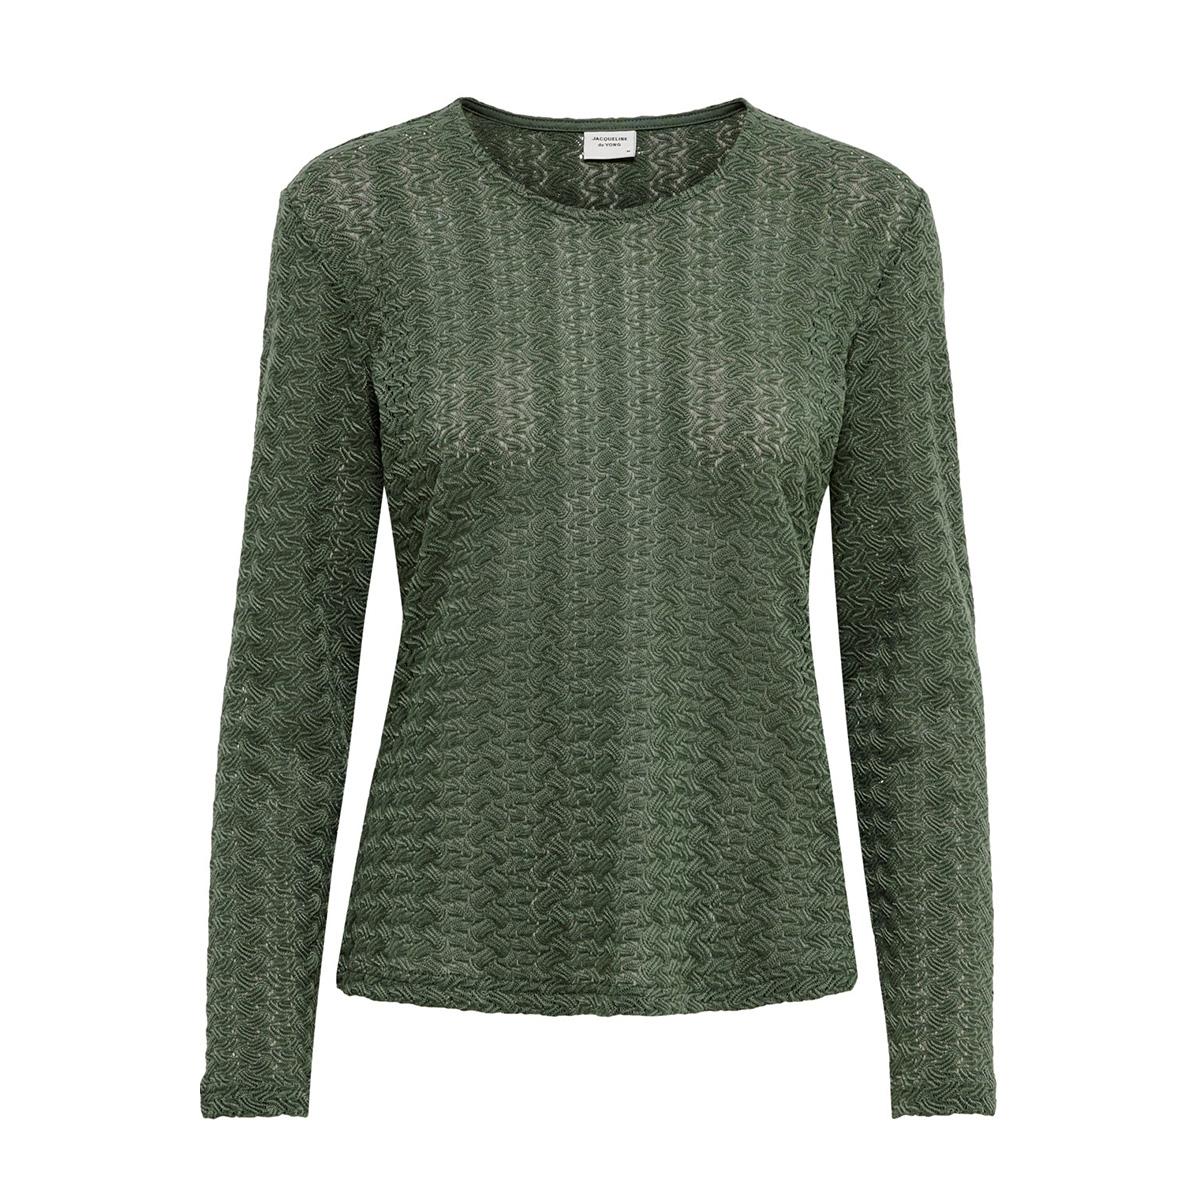 jdylenna l/s lace top jrs 15193551 jacqueline de yong t-shirt thyme